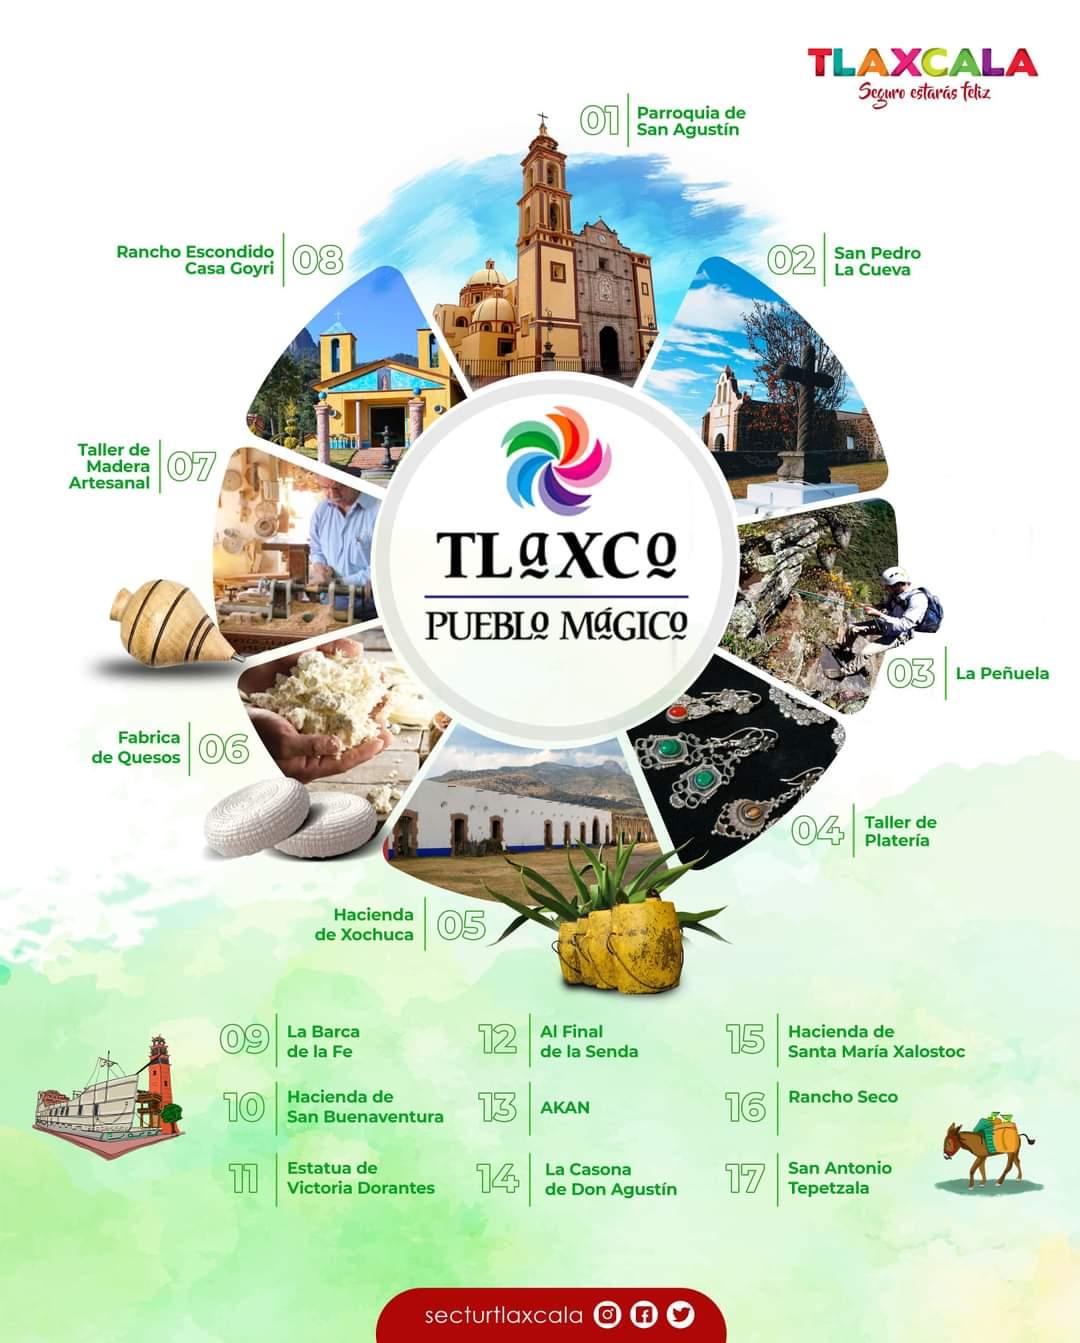 #Tlaxcala está preparado para recibirte, prepárate tú también